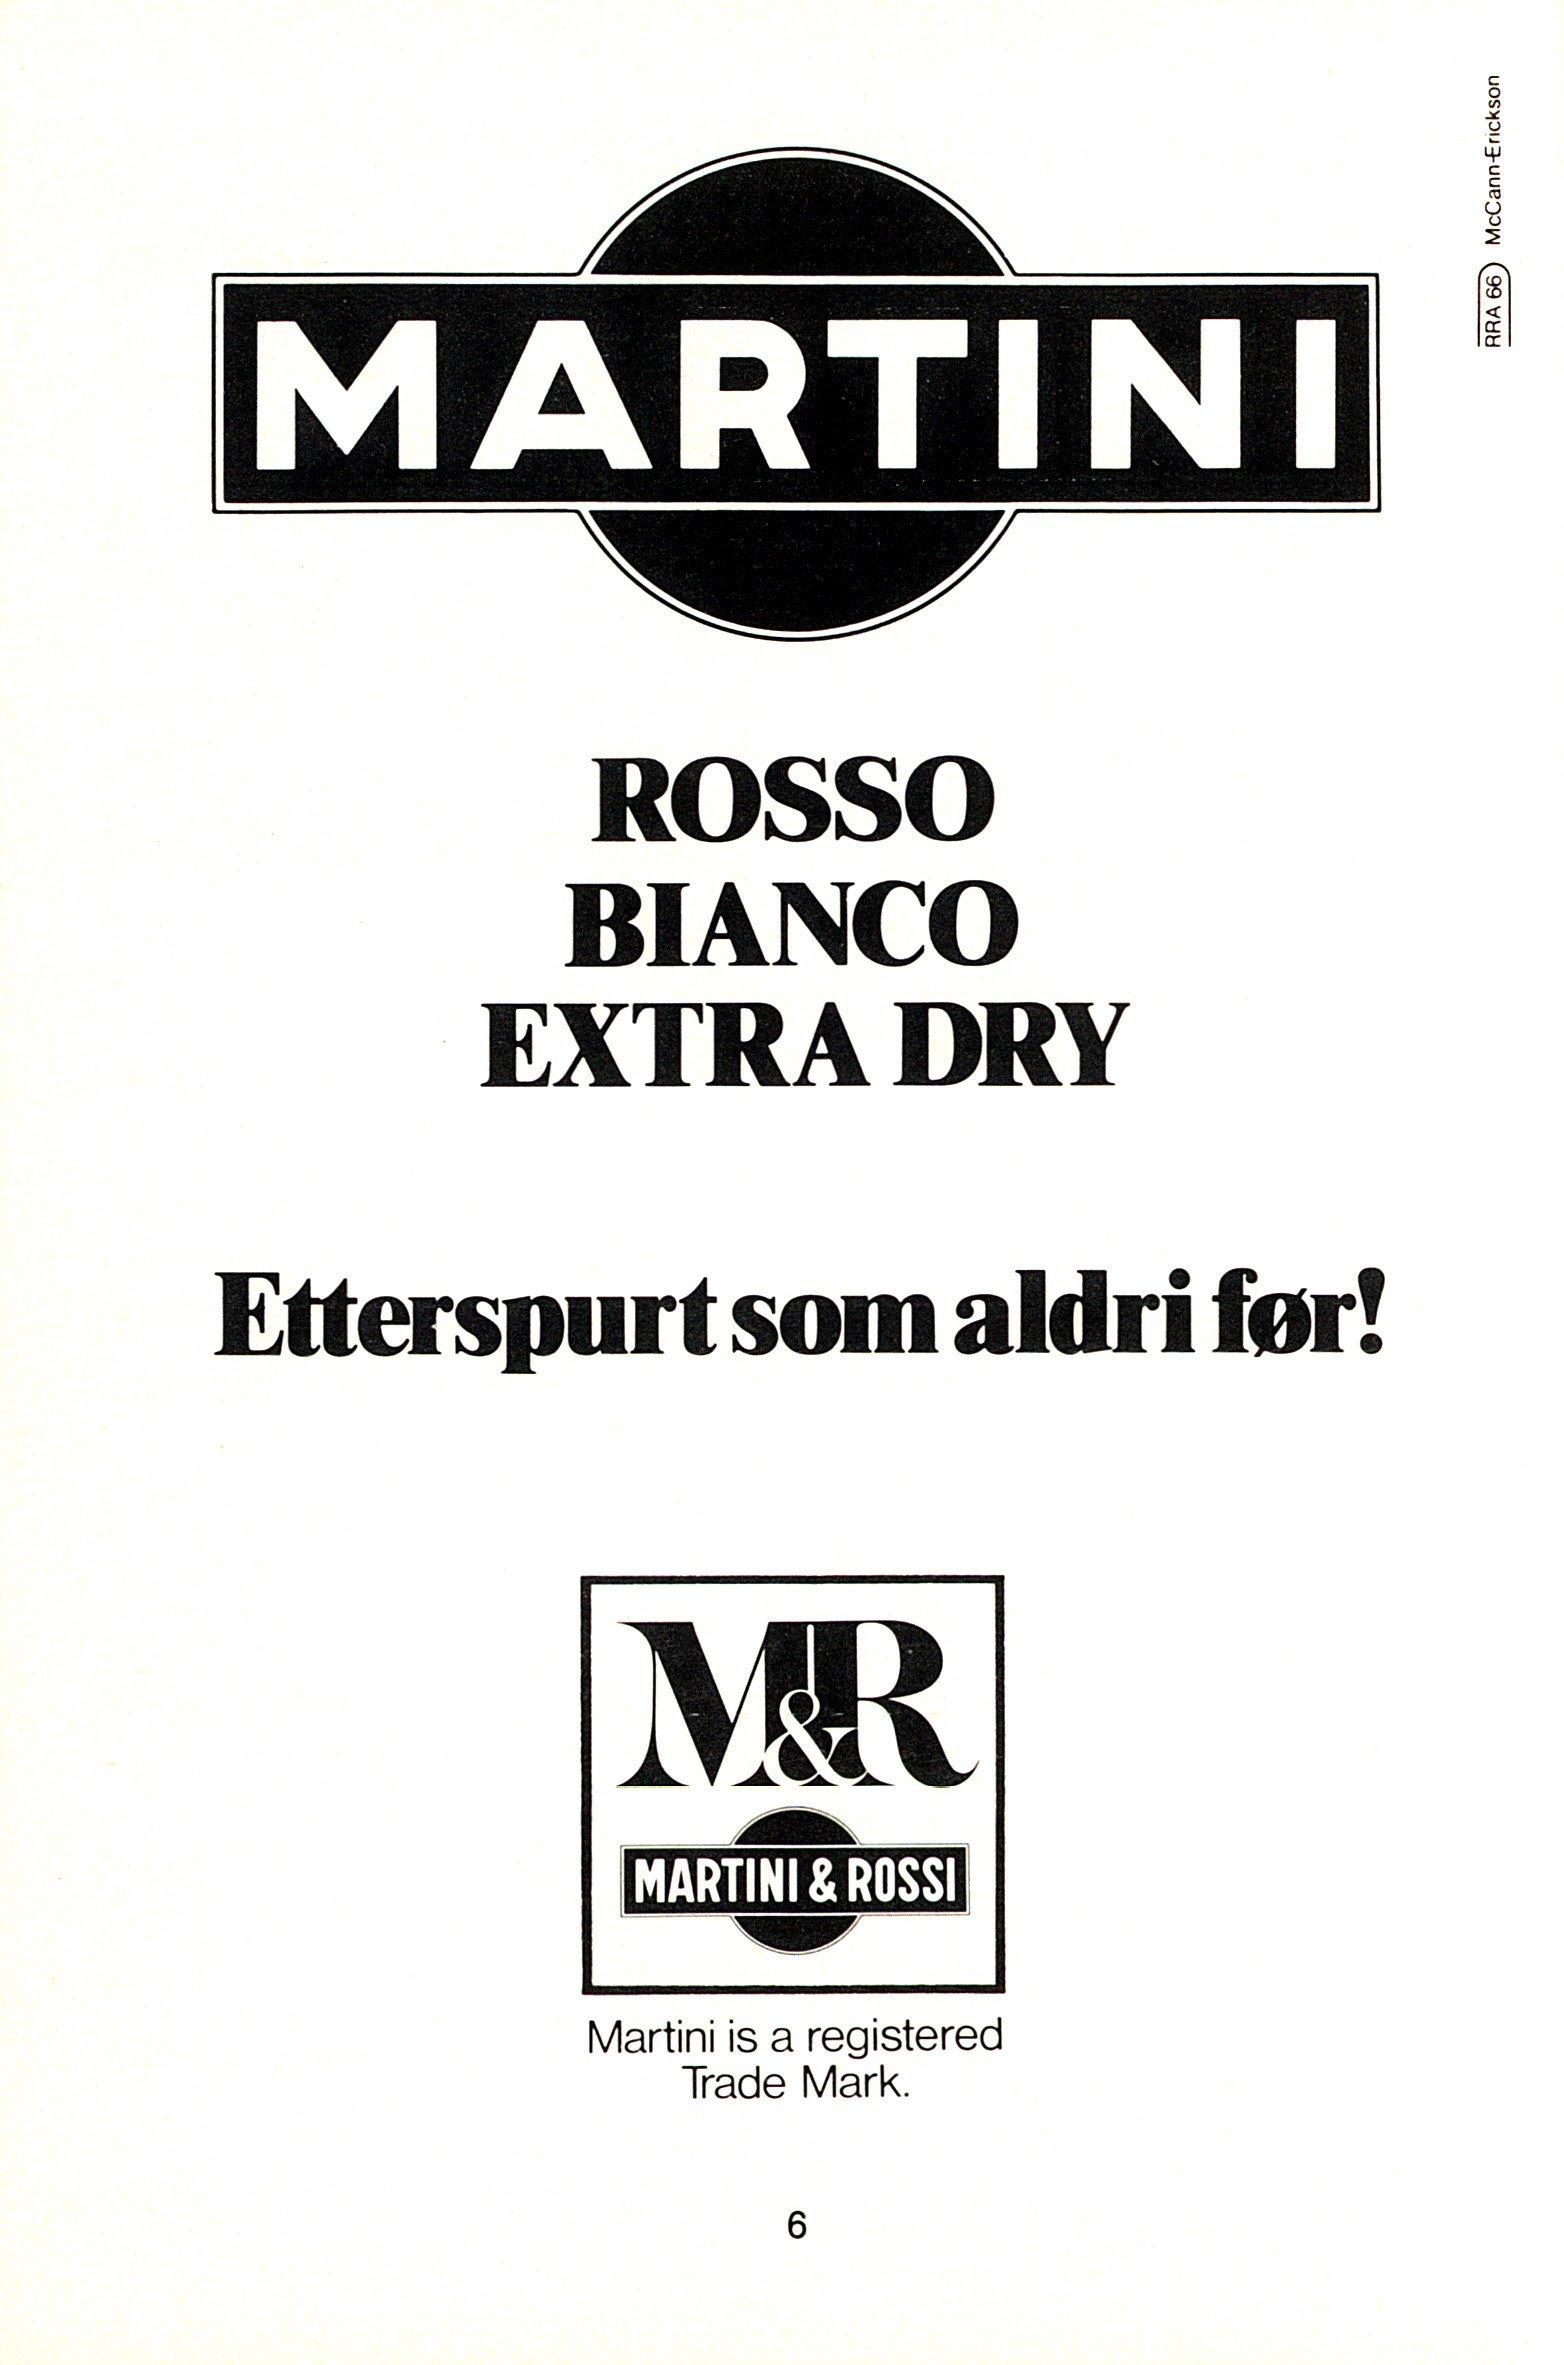 NB 1976 ÅRGANG 1 | Nr. 1 | Side 6